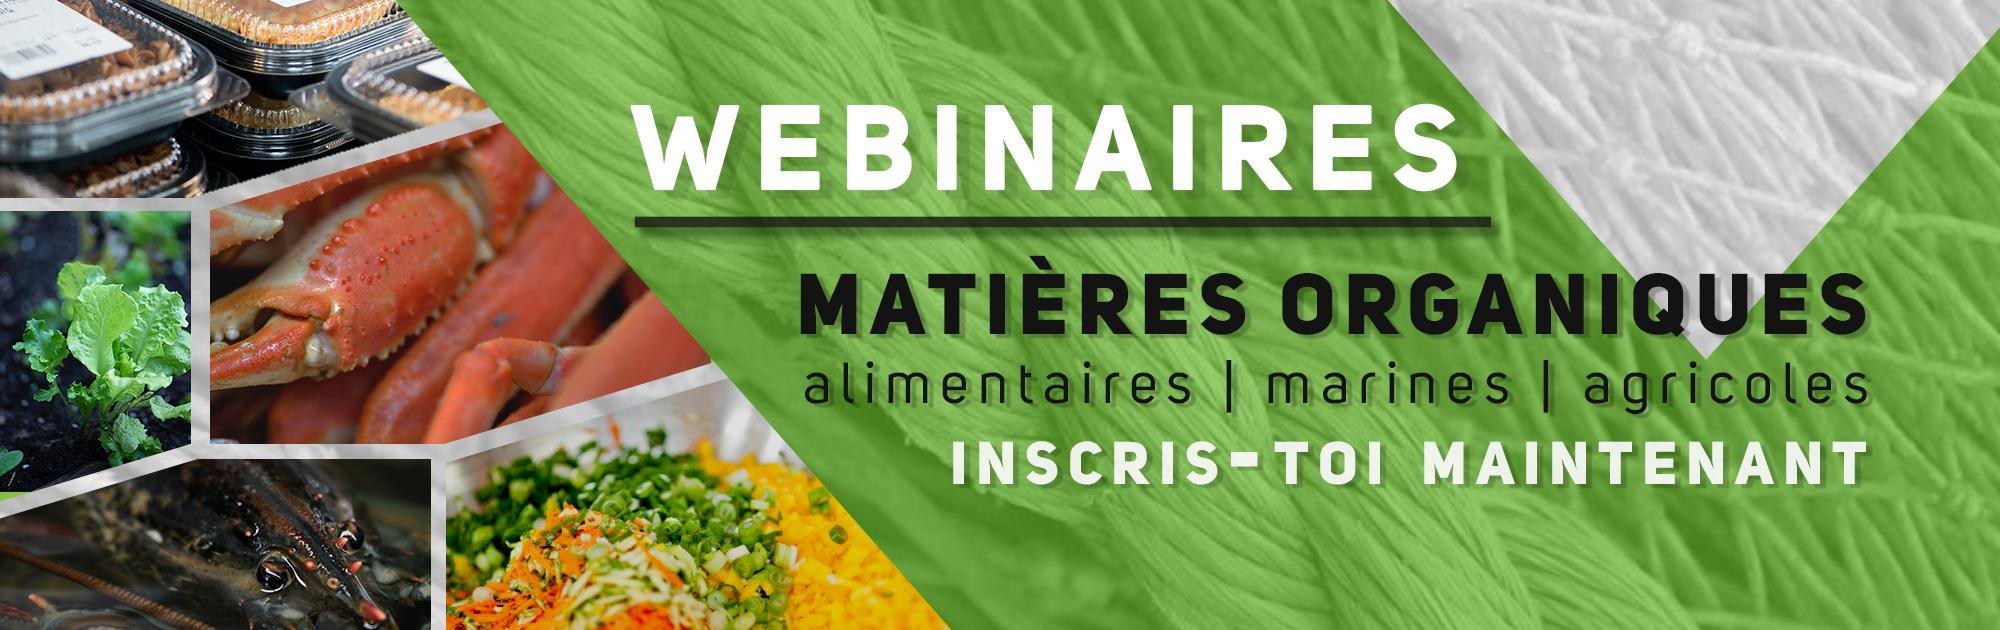 visuel inscriptions aux webinaires sur les matières organiques | Alimentaires - marines - agricoles